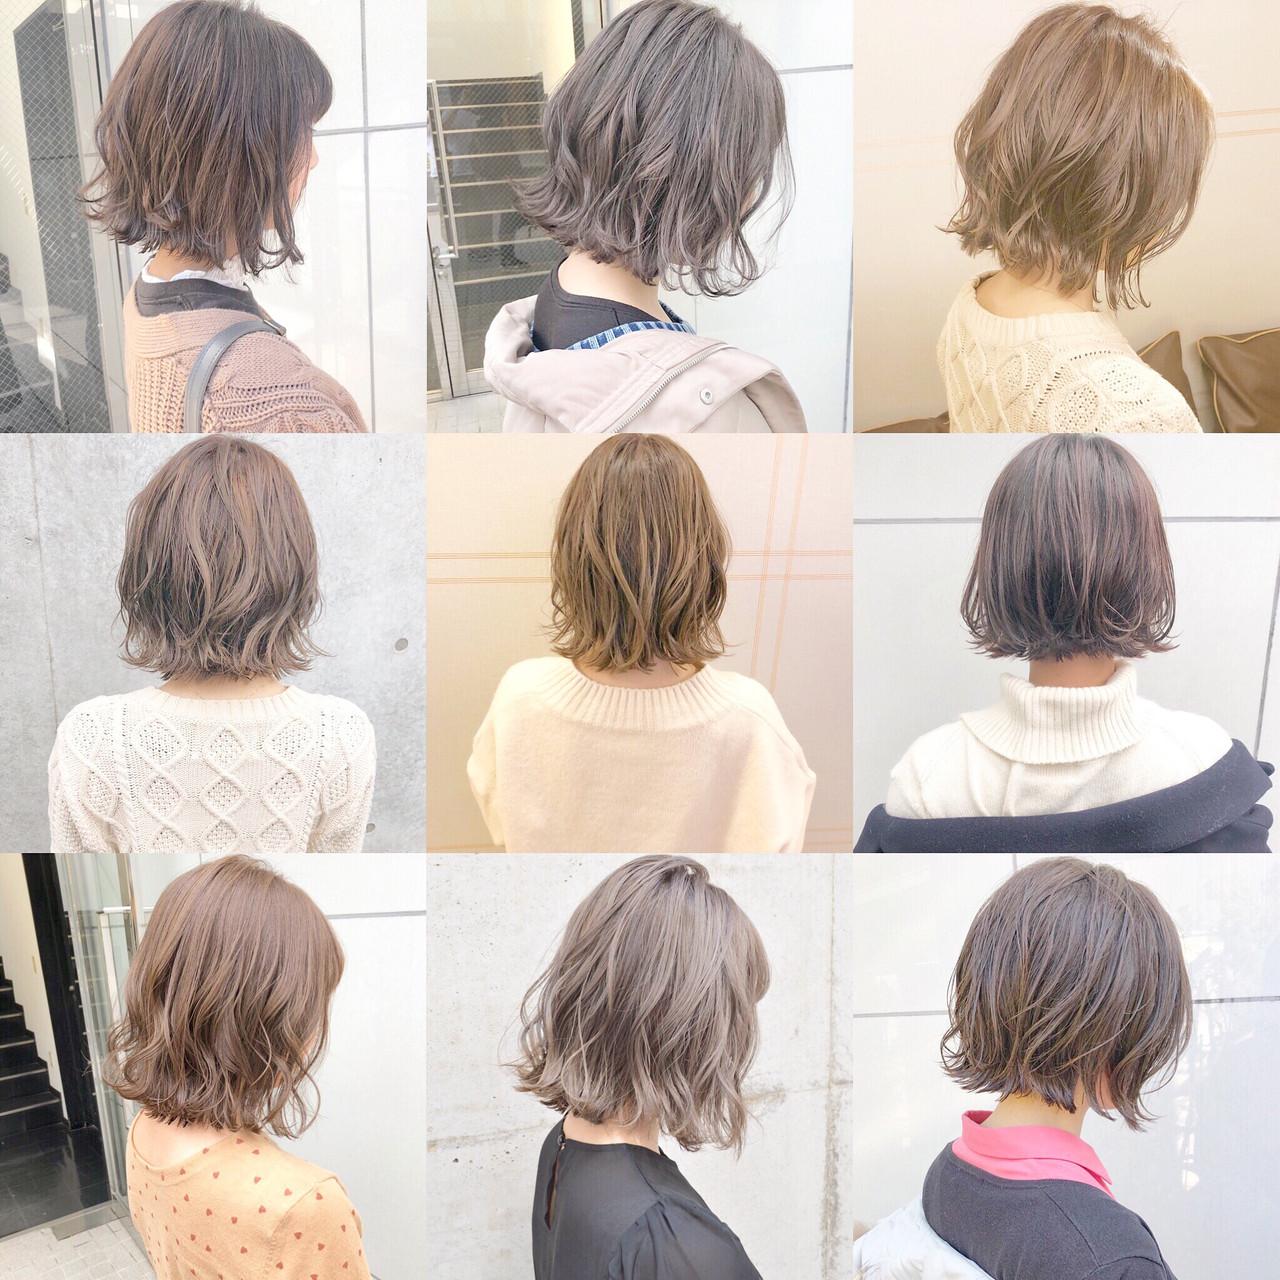 切りっぱなしボブで抜け感と立体感を? . . バツっとした切り口が特徴の切りっぱなしボブ! . . . しかし、本当に切りっぱなしにするだけでは重たくスタイリングが難しいです??? . . そこでスタイリングを簡単にし、立体感を出すために『量感調整』と『毛先の質感調整』をします⭕️ . . . 髪を巻いた時やスタイリング剤を付けた時に綺麗に抜け感が出るようカットしてます?♂️✨ . . . ポイントは量だけを取るのではなく毛先をシャープにし、ボブ特有のボテっとした印象をなくすこととです‼️? . . . こうすることで日々スタイリングも楽々に⭐️ . . . スタイリングの仕方も簡単‼️ . . ☘️巻く場合☘️ 外ハネを全体に作った後に、表面の毛だけを少しとって縦巻きをするだけ‼️‼️ あとはバームやトリートメントを付けるだけ✨ . . . ☘️巻かない場合☘️ なるべく広がらないように乾かしたあと、バーム系のスタイリング剤を中間から毛先に馴染ませるだけで束間と毛流れができます✨ . . . スタイリングの仕方がわからない方や不安な方は、しっかりレクチャー致しますのでご安心ください?✨ . . . . . . ☑︎ボブにしたいけど似合うかわからない ☑︎イメチェンしたいけど失敗したくない ☑︎現在ボブだけどスタイリングしづらい ☑︎コテを使うのが苦手 ☑︎簡単なスタイリング方法が知りたい ☑︎ボブにしたいけど縛れる長さが欲しい ☑︎切りっぱなしボブをしてみたい . 等という方は是非お任せ下さい‼️ . . . 『9割以上のお客様がボブをオーダー』 . インスタから来て頂けるお客様の9割はボブスタイルです⭐️ . 切りっぱなしボブや内巻きの丸みのあるボブなど沢山オーダー頂いております?✨ . . 特に20代〜30代の女性のお客様が多いです⭐️ . . . 【美容師歴7年】 美容の激戦区と言われる表参道で ずっと美容師をしてきました✂️ . . 流行の最先端を行くこのエリアでボブスタイルに拘りを持ってきました‼️ . . 僕が大事にしていることは 【動き】と【再現性】 です✨ . . 質感と量感に拘り、スタイリングした時に動きが出るように立体感を出す事⭕️ . .  お客様がご自宅でもできるように、再現性のある簡単スタイリングの方法⭕️ . . この2つは常に意識しております?♂️✨ . . . 最近はインスタから来て頂ける事が増えて来てます?✨ . . . わざわざ遠いところから美容室の多い表参道エリアで、僕を選んで頂ける事が本当に嬉しく思います ?♂️✨ . . なので、少しでもお客様の100%のご満足に近づけるように日々精進しています?✨ . . . 表参道駅A2出口徒歩2分の美容室『CHIC表参道』スタイリストの永田です✂️. . . ご予約は直接DM、または電話0334781457. ホットペッパービューティからお願い致します? . . ⭐️ご新規様のメニュー⭐️. . カット・トリートメント6300円 . カット・カラー・トリートメント9240円 . カラー・トリートメント7020円 . カット・パーマ9240円 . 他の組み合わせが良い場合もご相談下さい?✨ . . . 美容室『CHIC表参道』 . . 東京都渋谷区神宮前4-9-7ギャザリングコートB1 (表参道駅A2出口徒歩2分) . . . ✂️スタイリスト永田邦彦✂️ . . 【営業時間】 . 水 木 金 11:00〜21:00 . 土 10:00〜20:00 . 月 日 祝 10:00〜19:00 . . 最終受付 . カット 1時間前 . カット カラー 2時間前 . カット パーマ 2時間30分前 . . 火曜定休